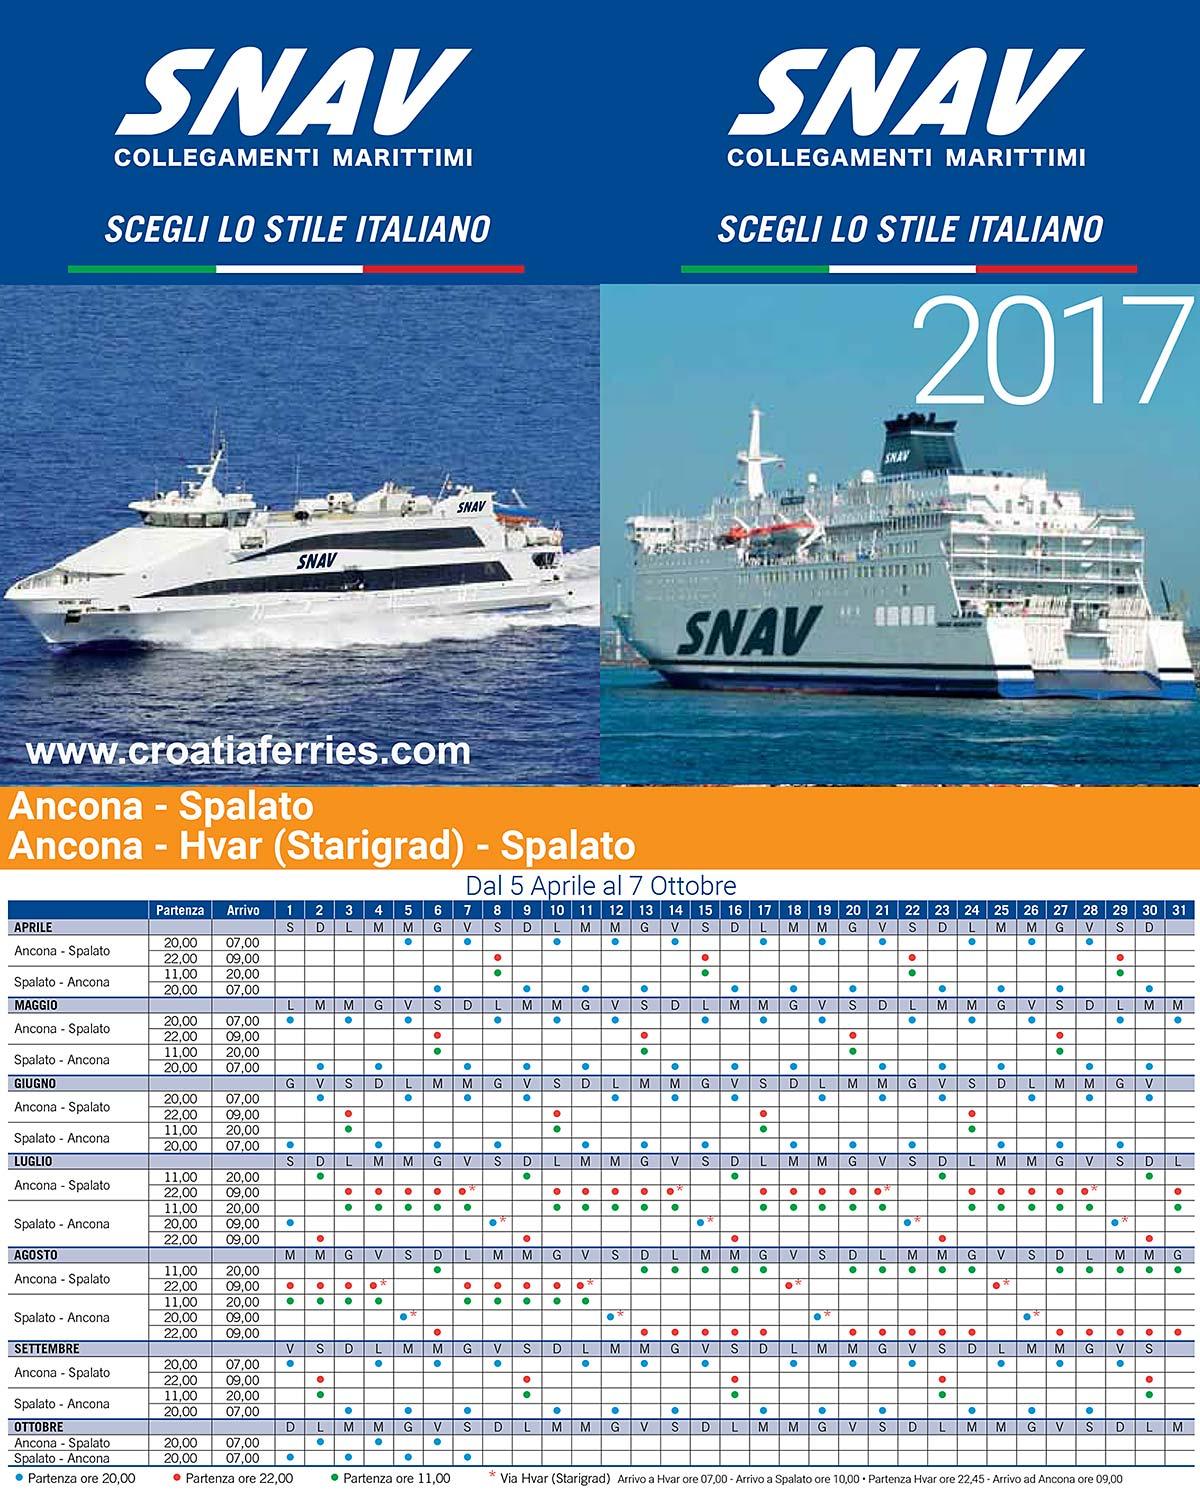 Snav Ferries Schedules for 2017